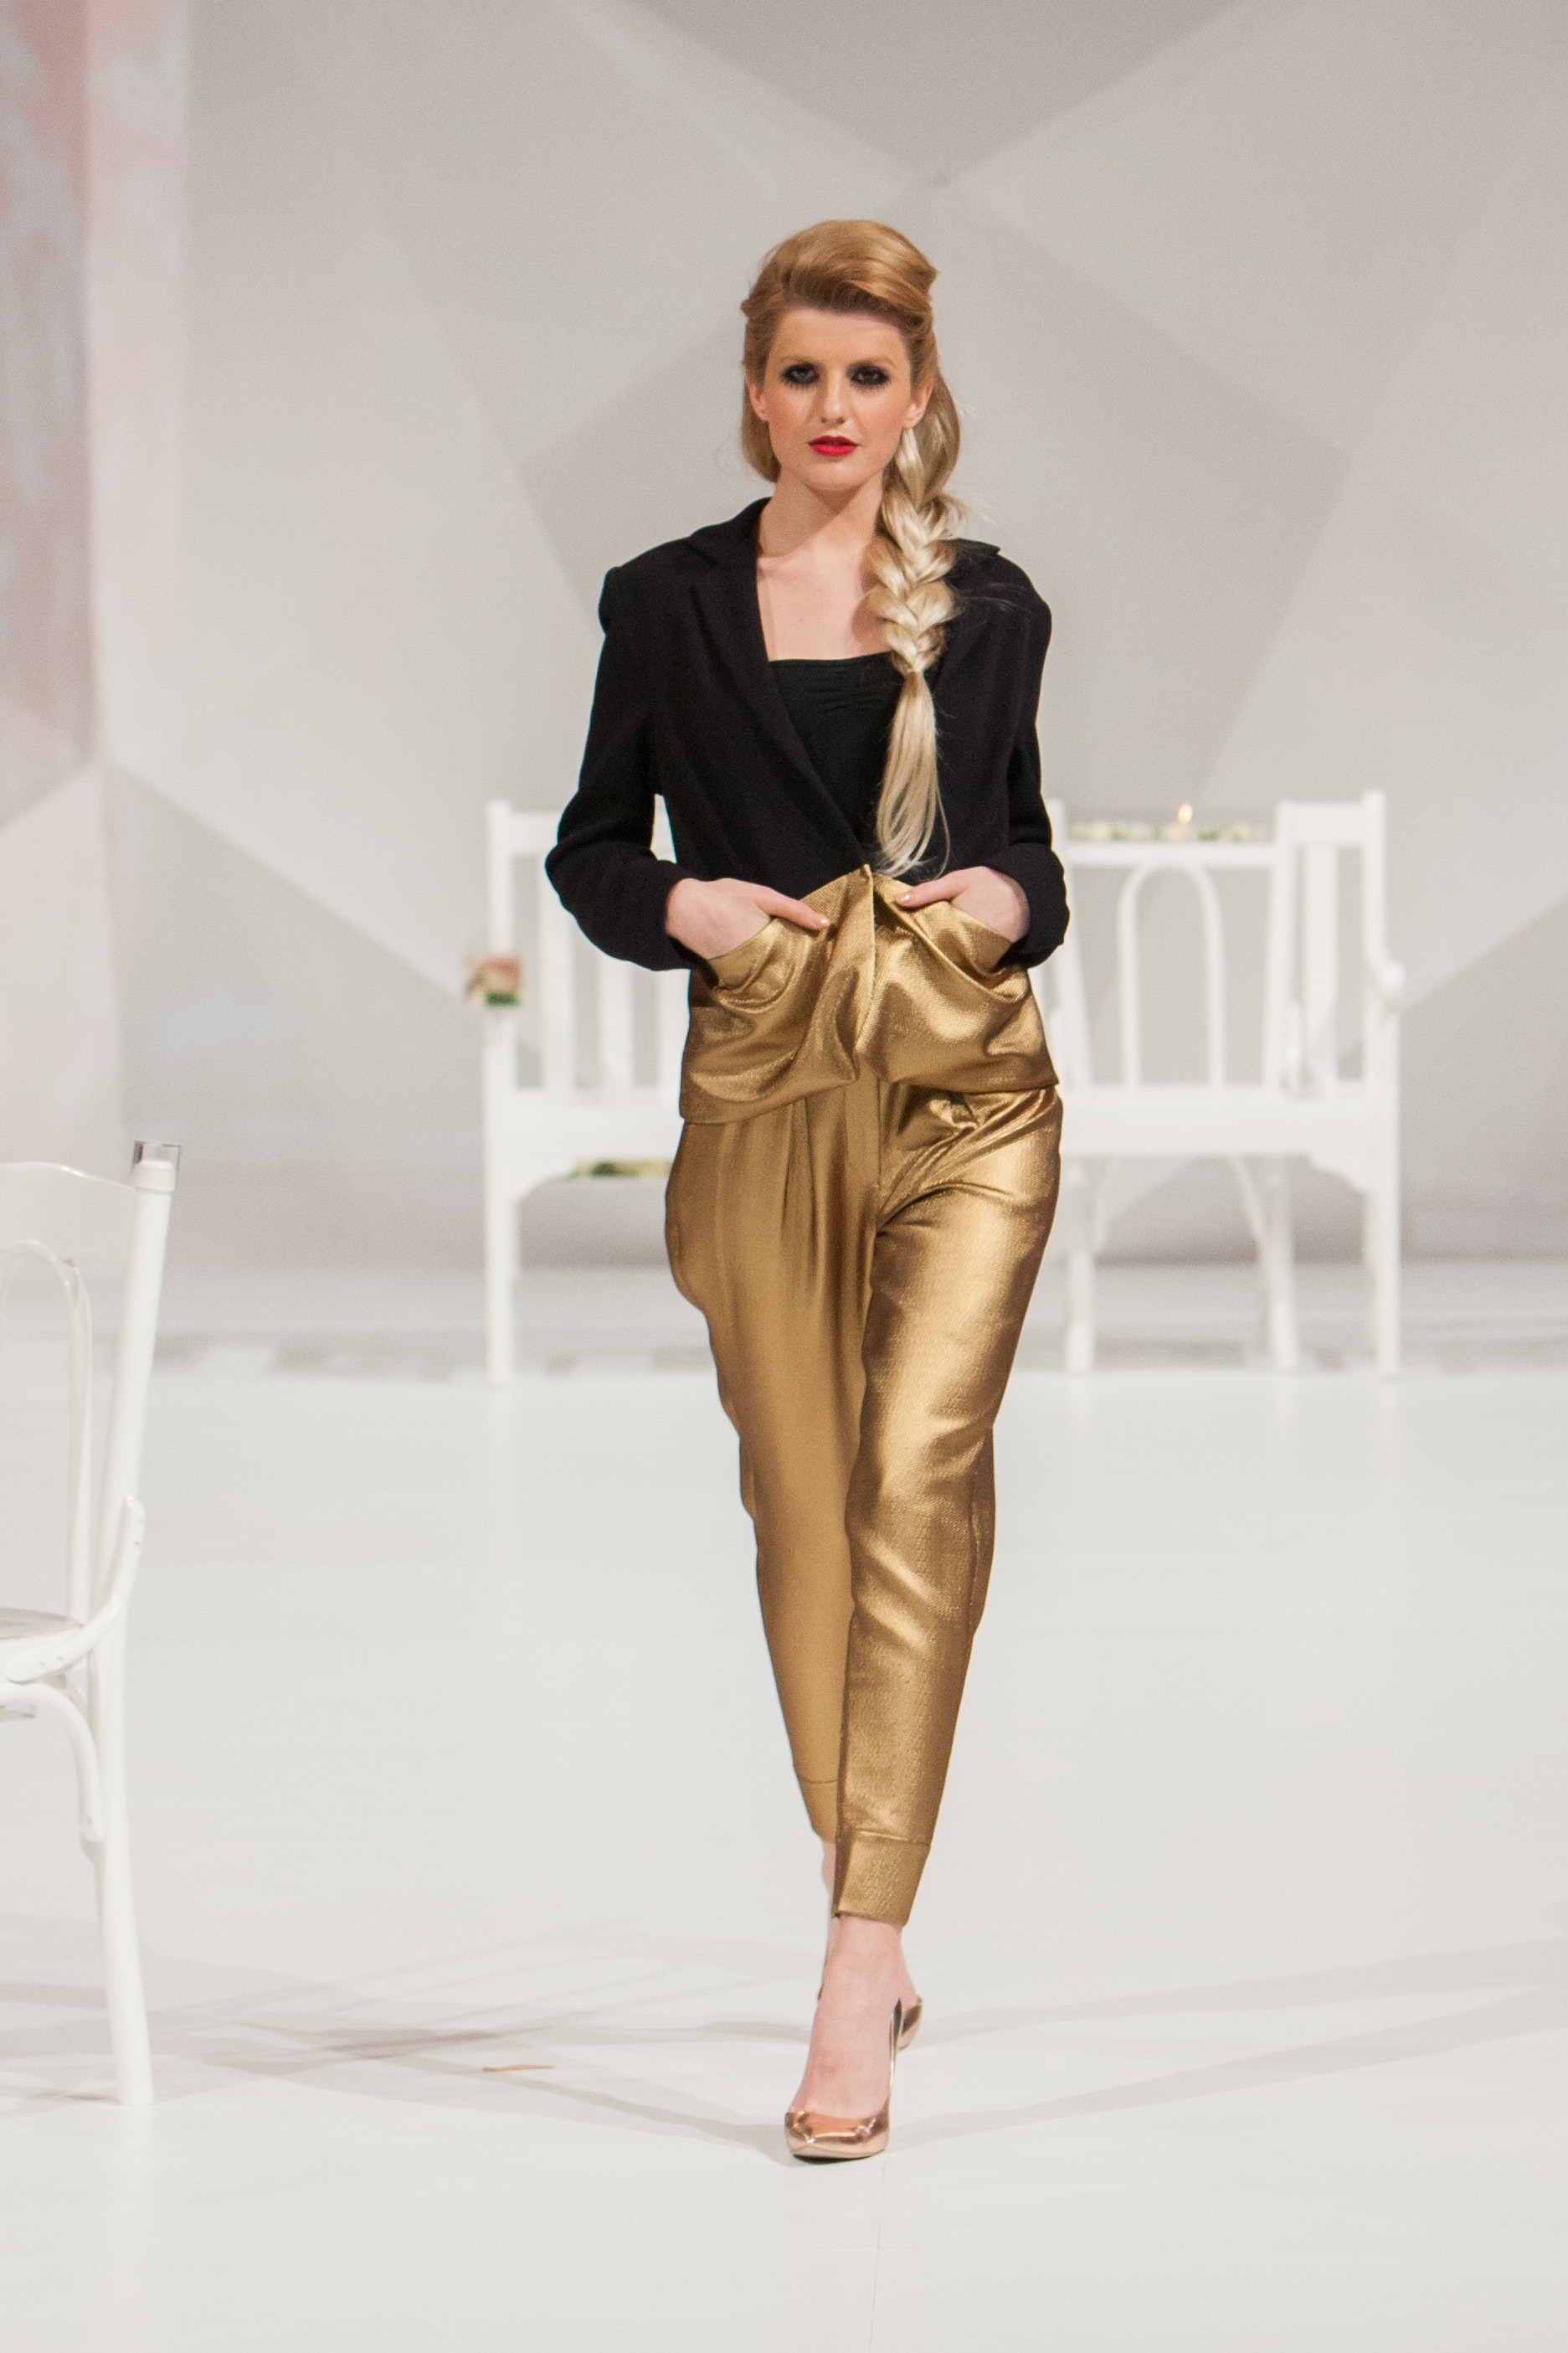 mode femme chic et moderne